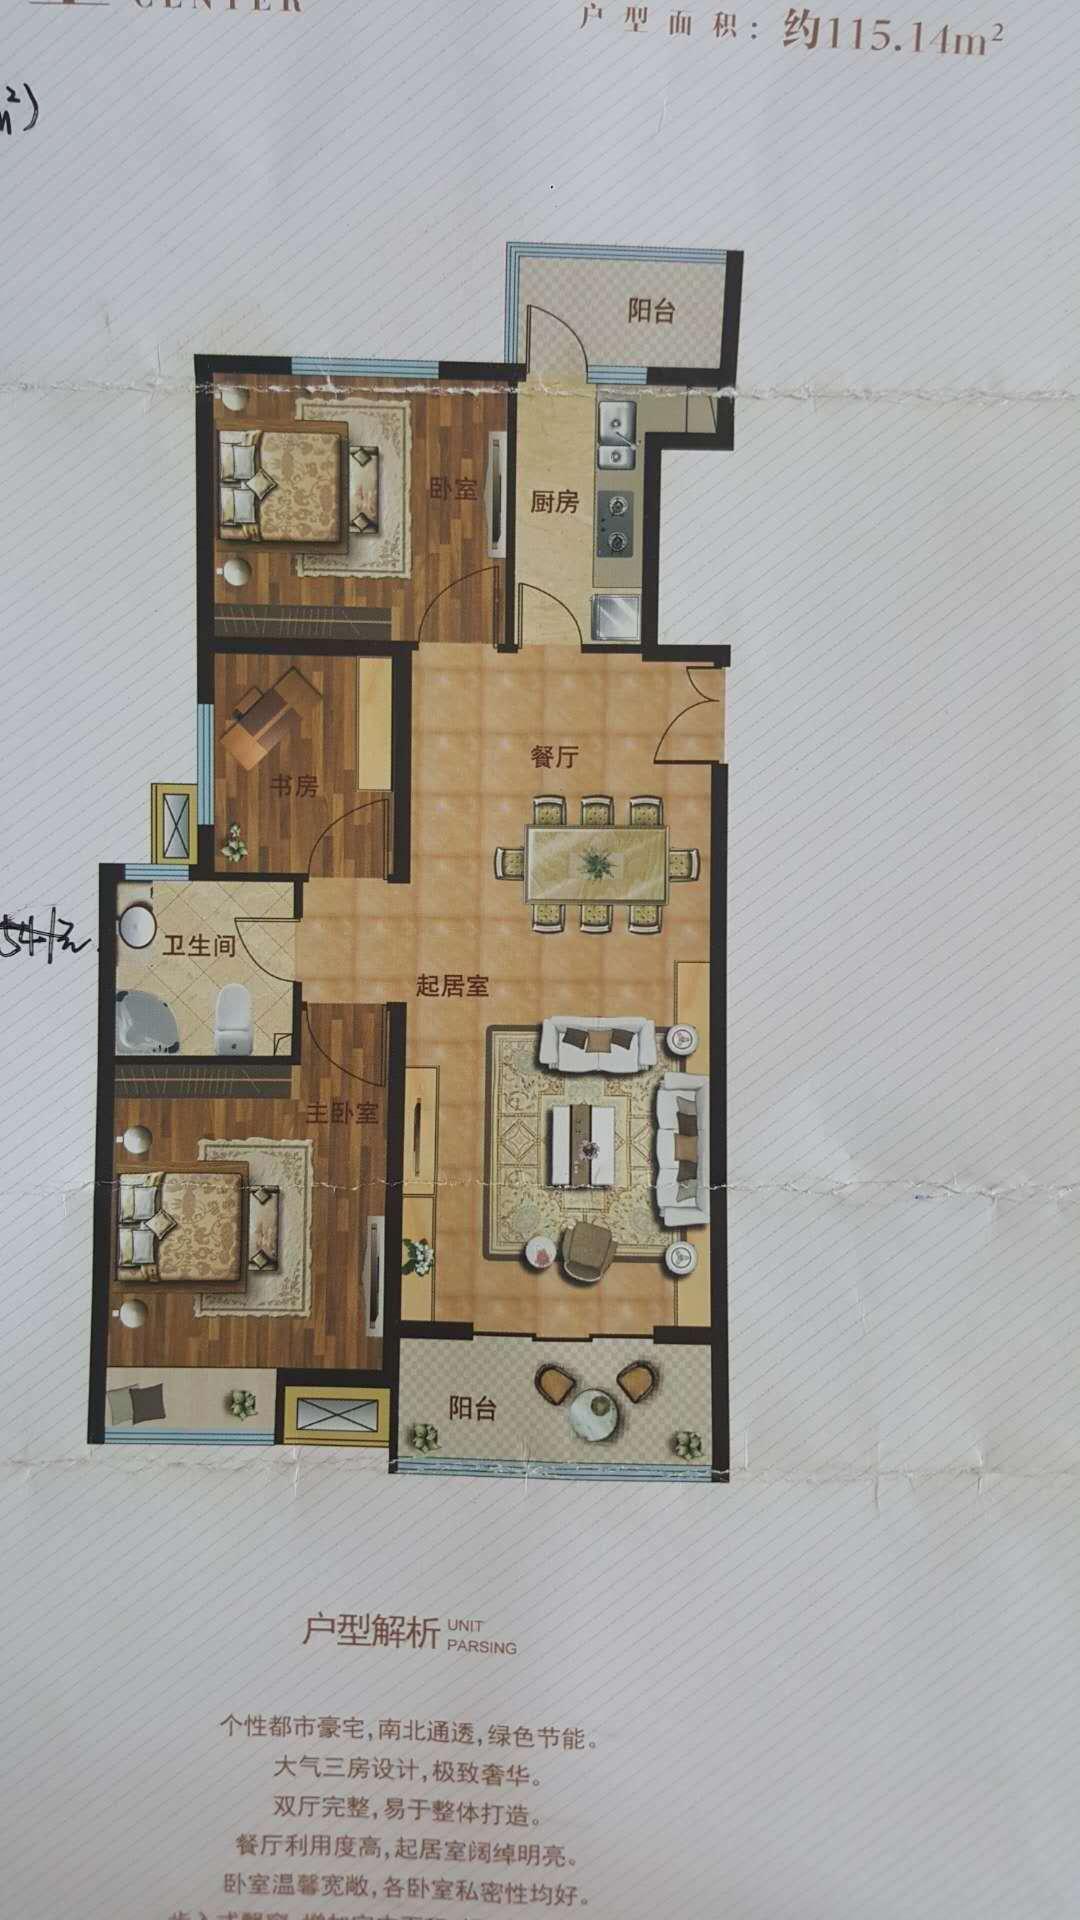 唐人中心 3室2厅 12楼